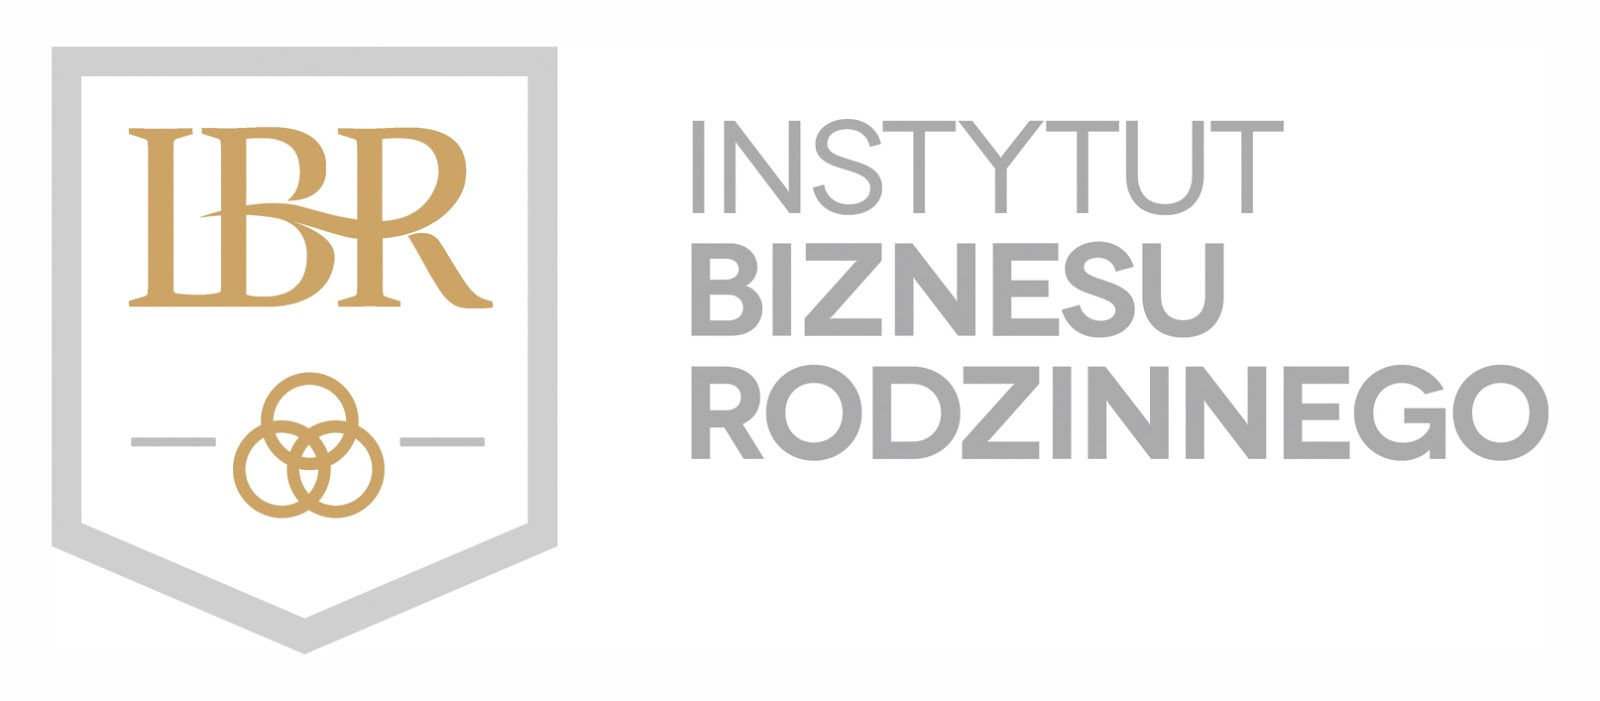 Instytut Biznesu Rodzinnego zaprasza do badania